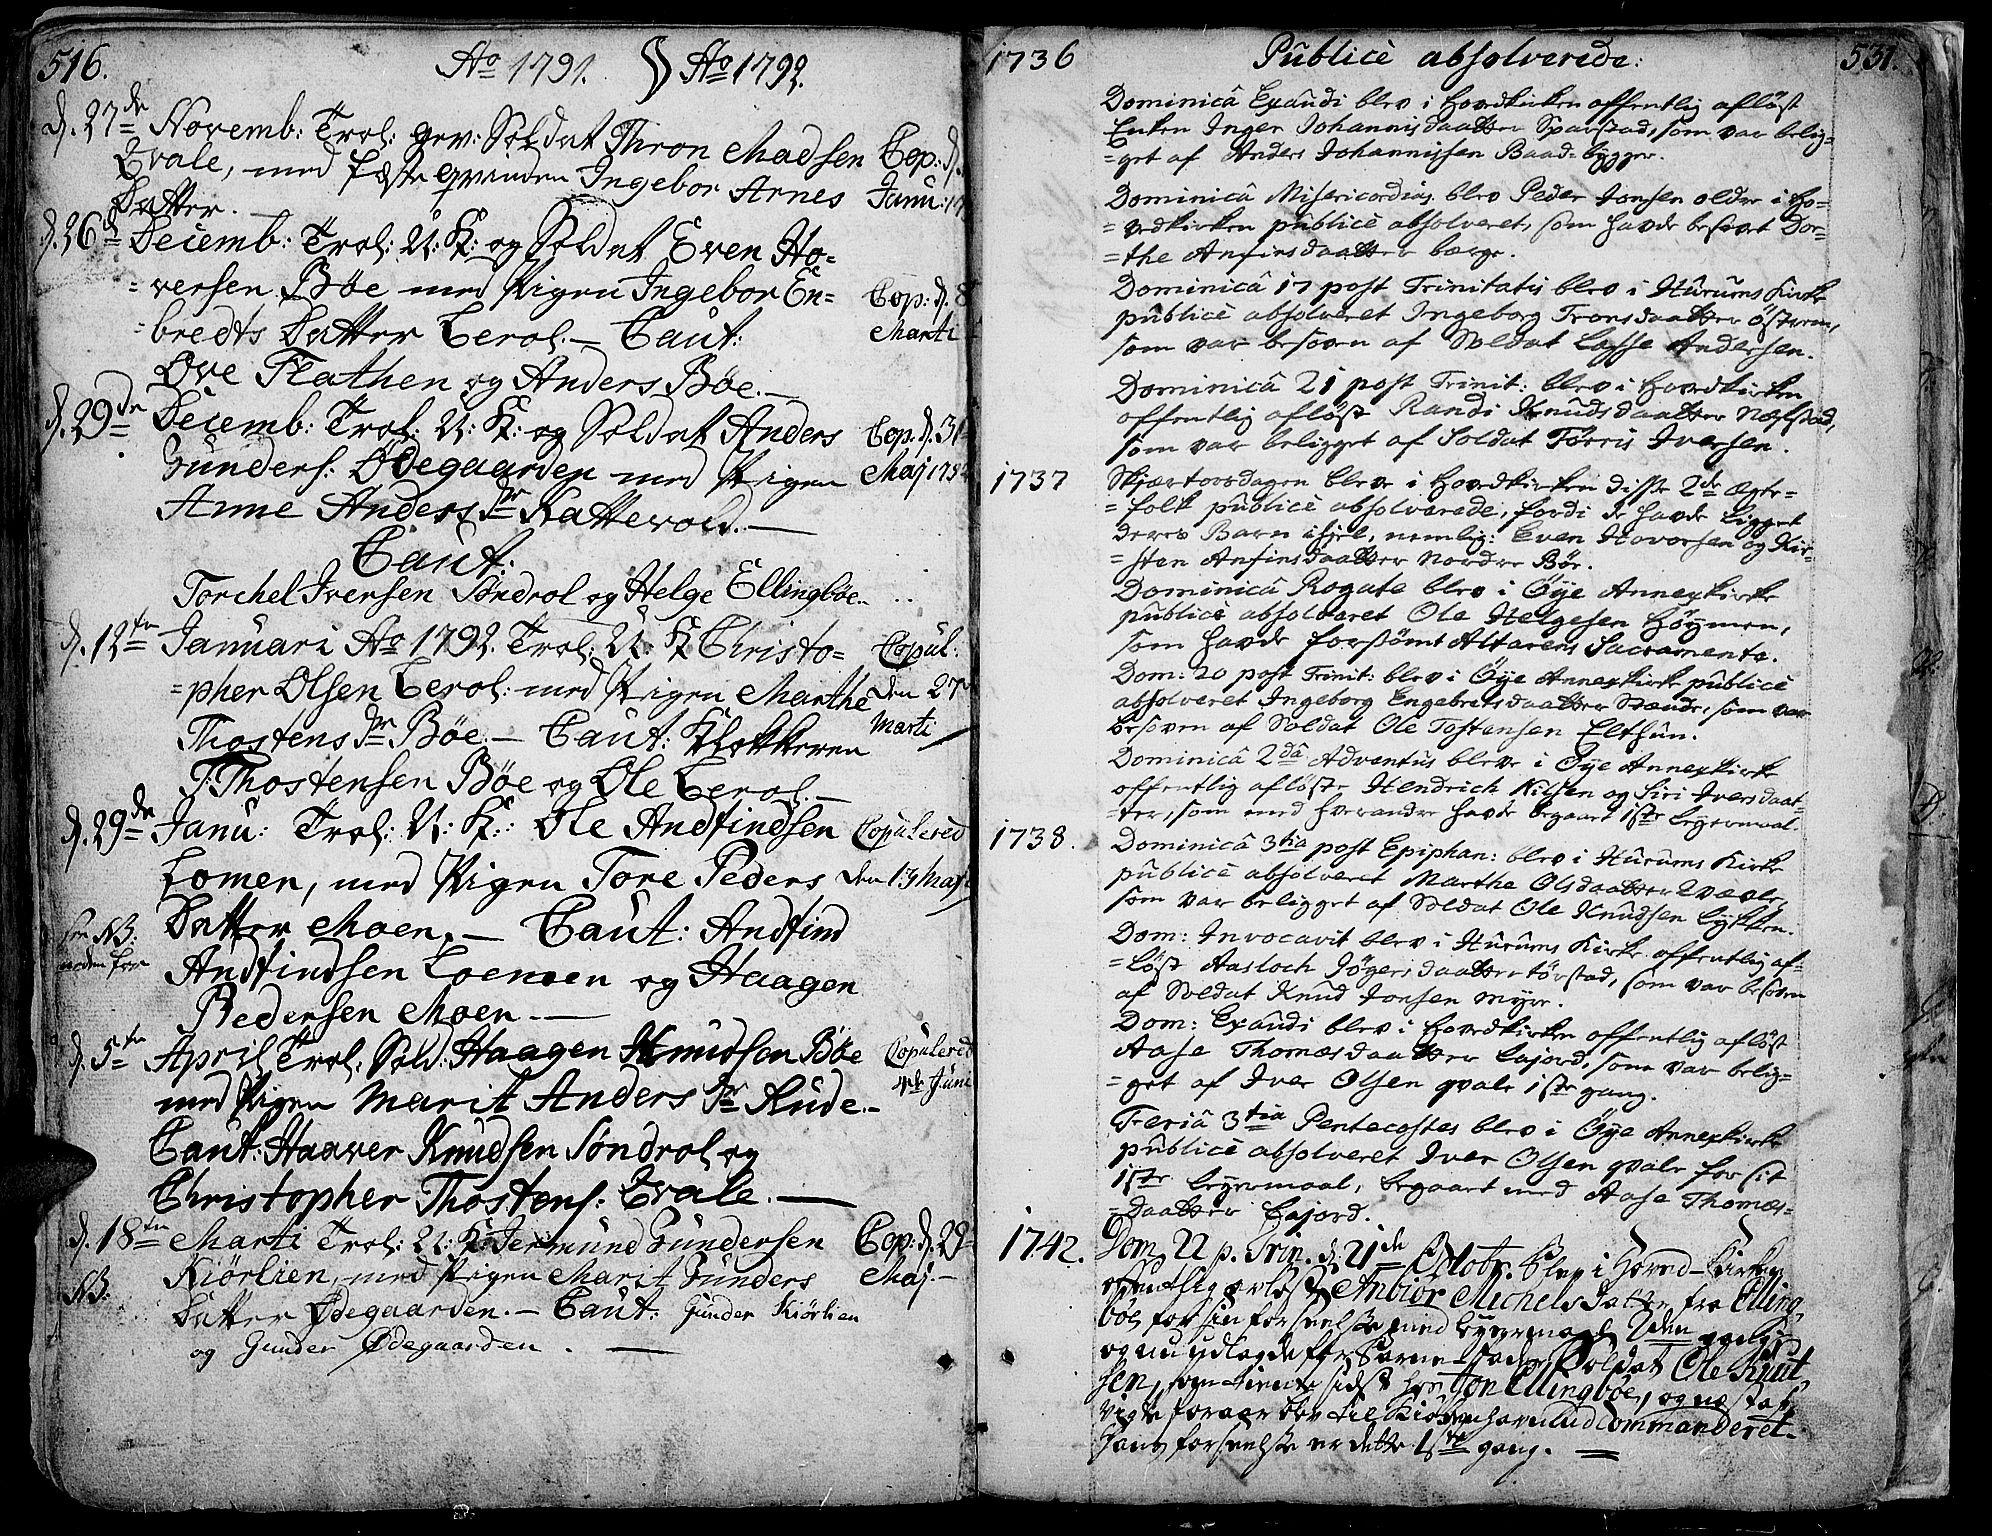 SAH, Vang prestekontor, Valdres, Ministerialbok nr. 1, 1730-1796, s. 516-531